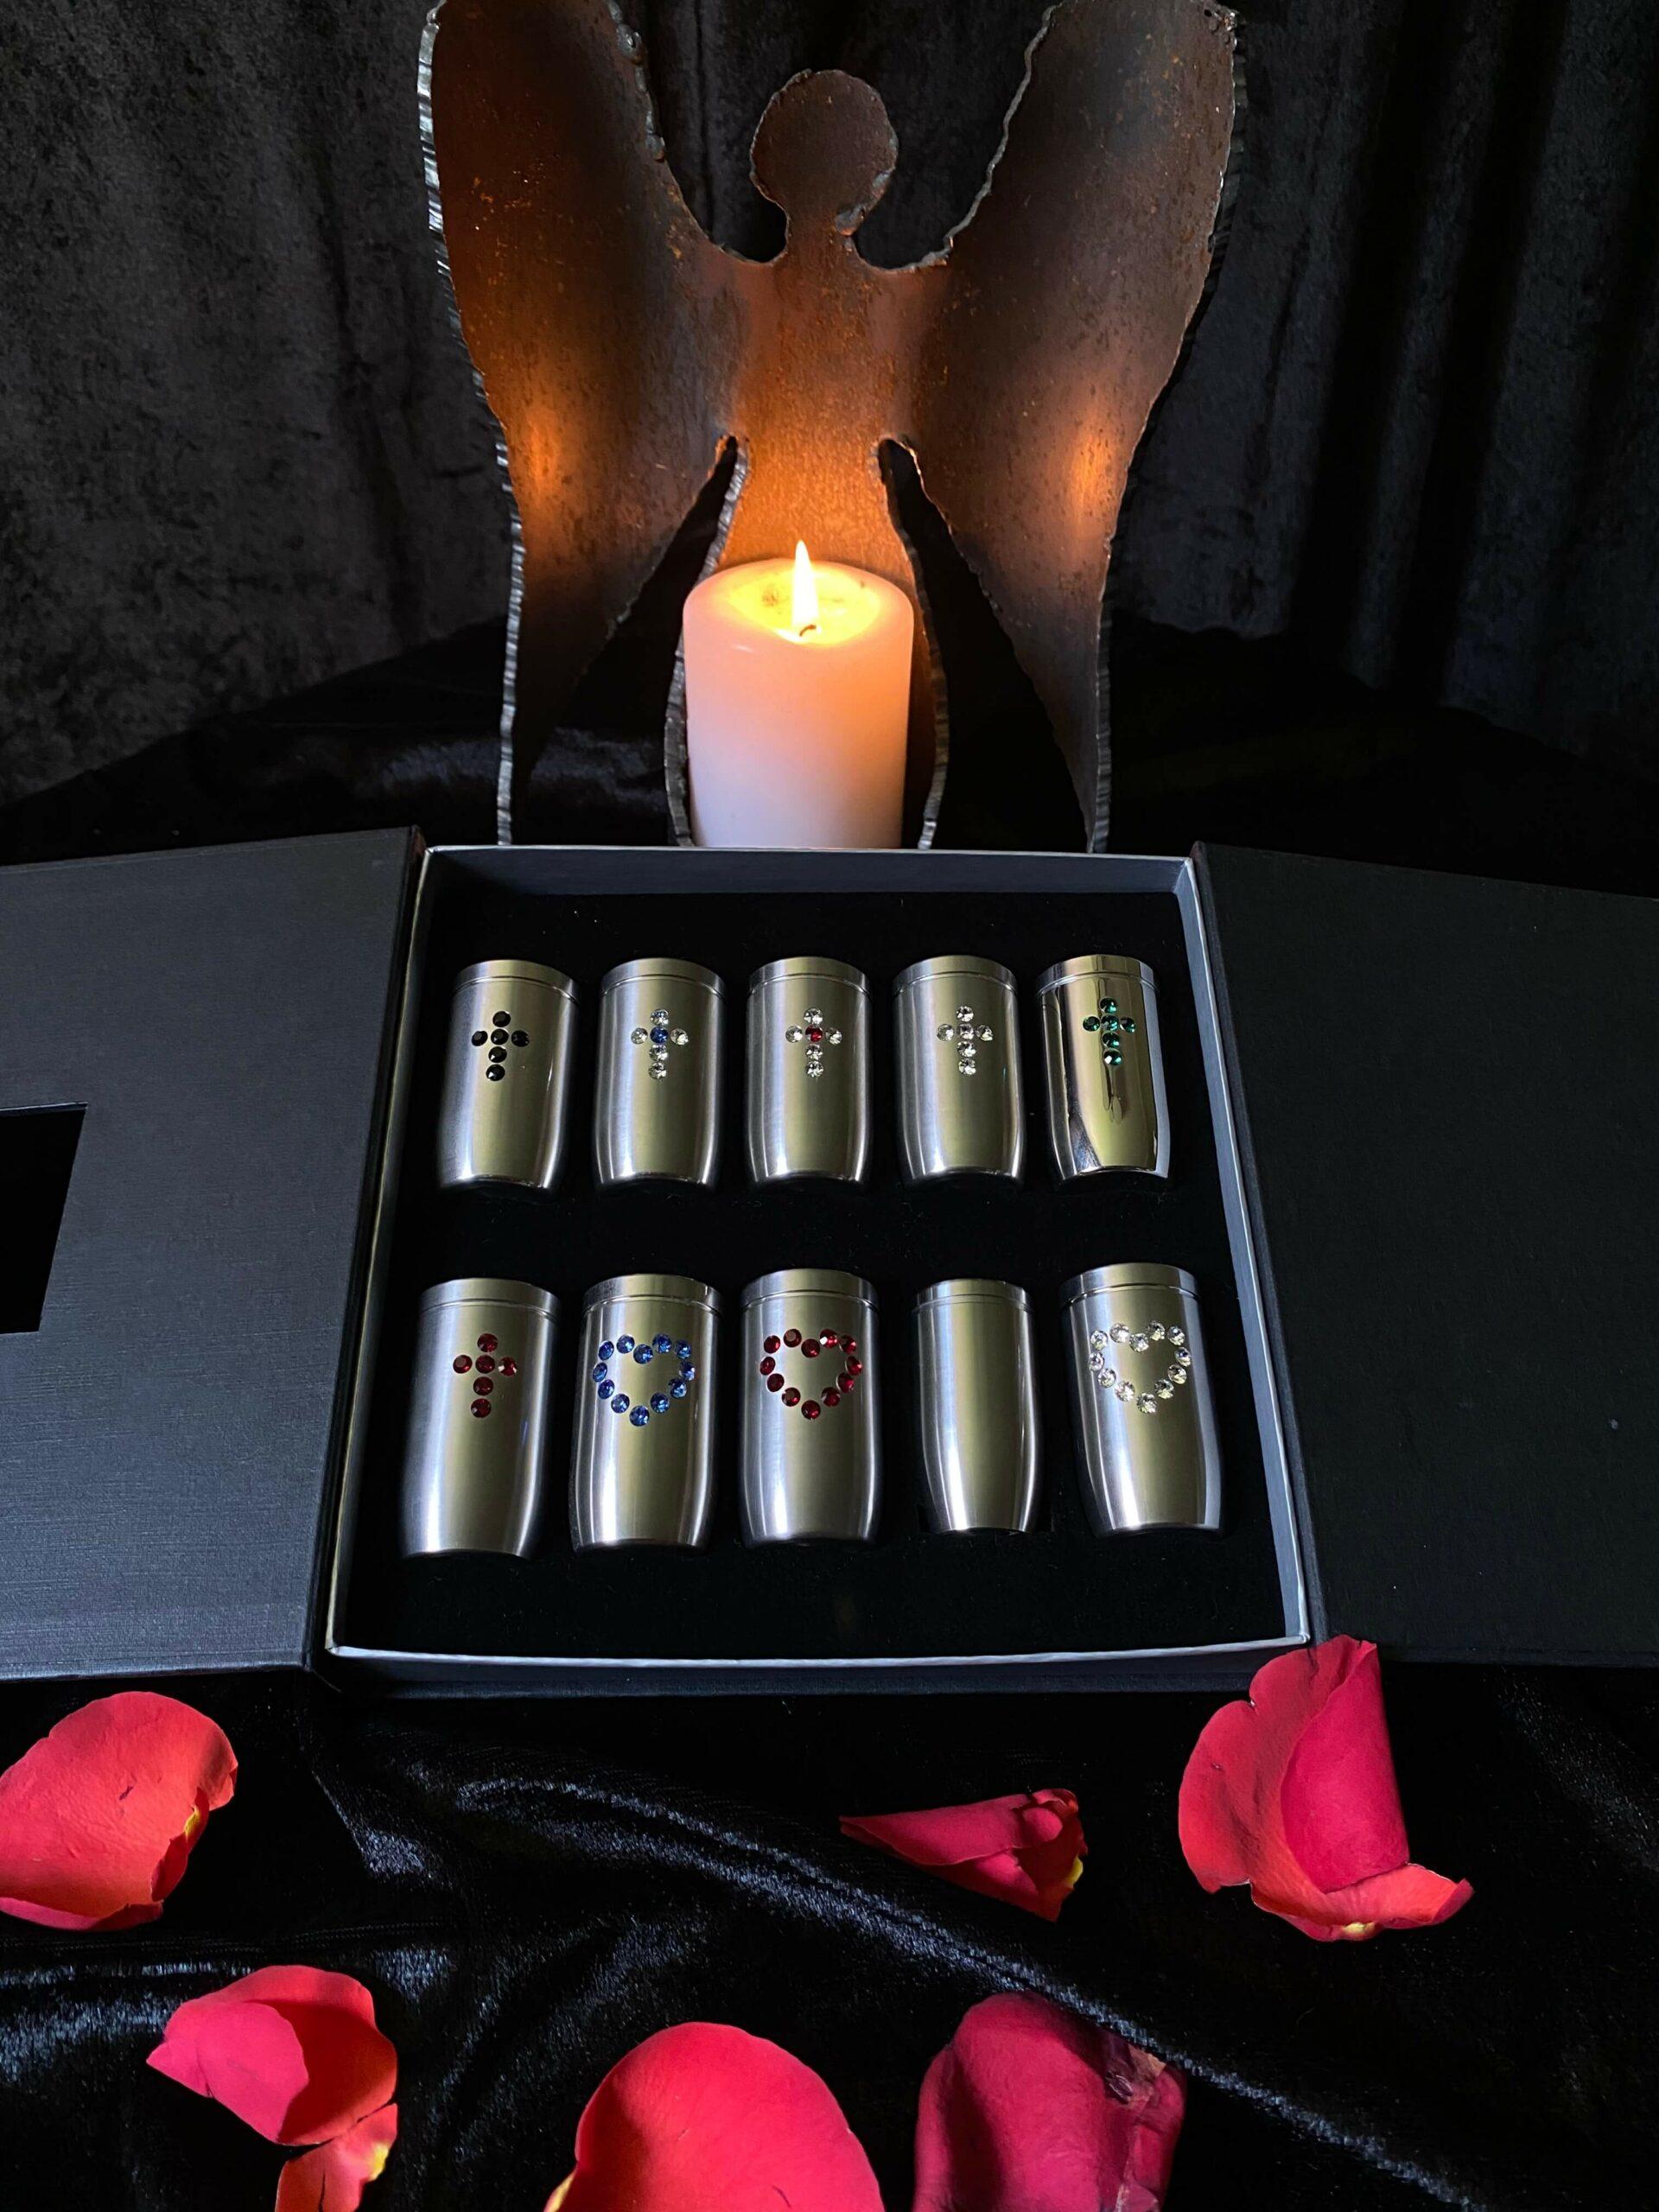 Zehn kleine Miniatururnen in schwarzer Box